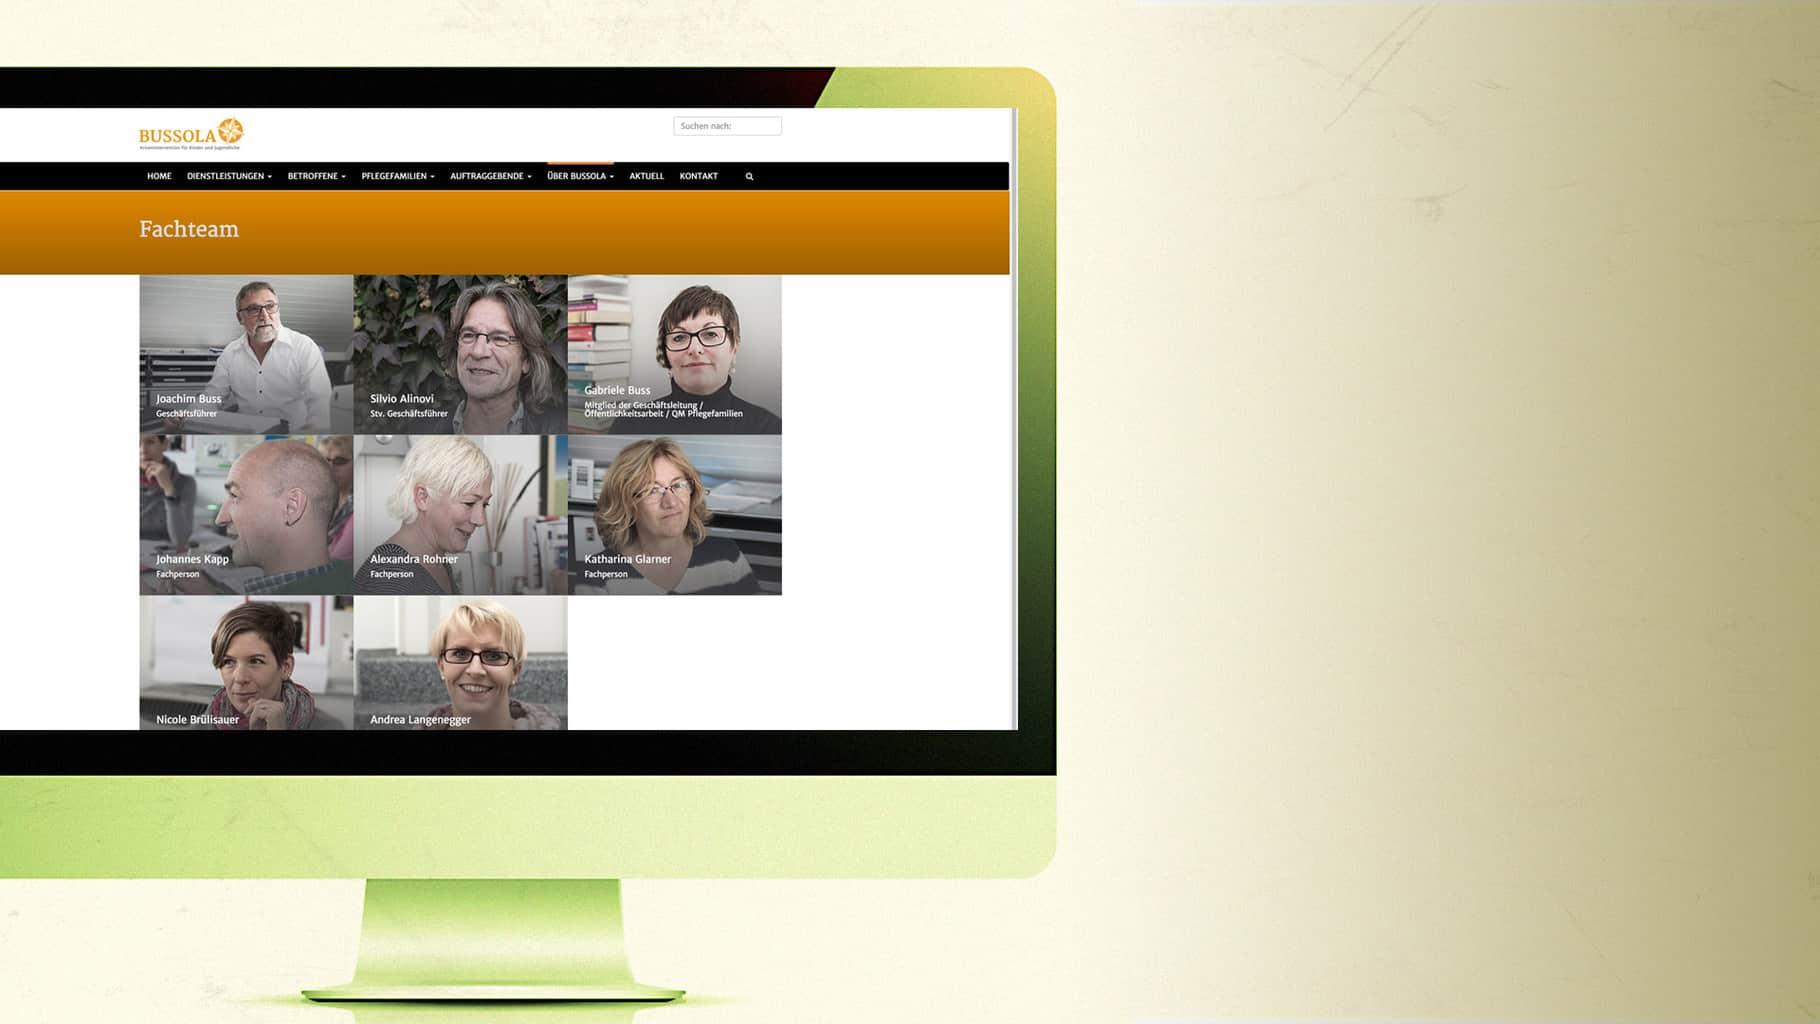 Website Bussola: Fachteam